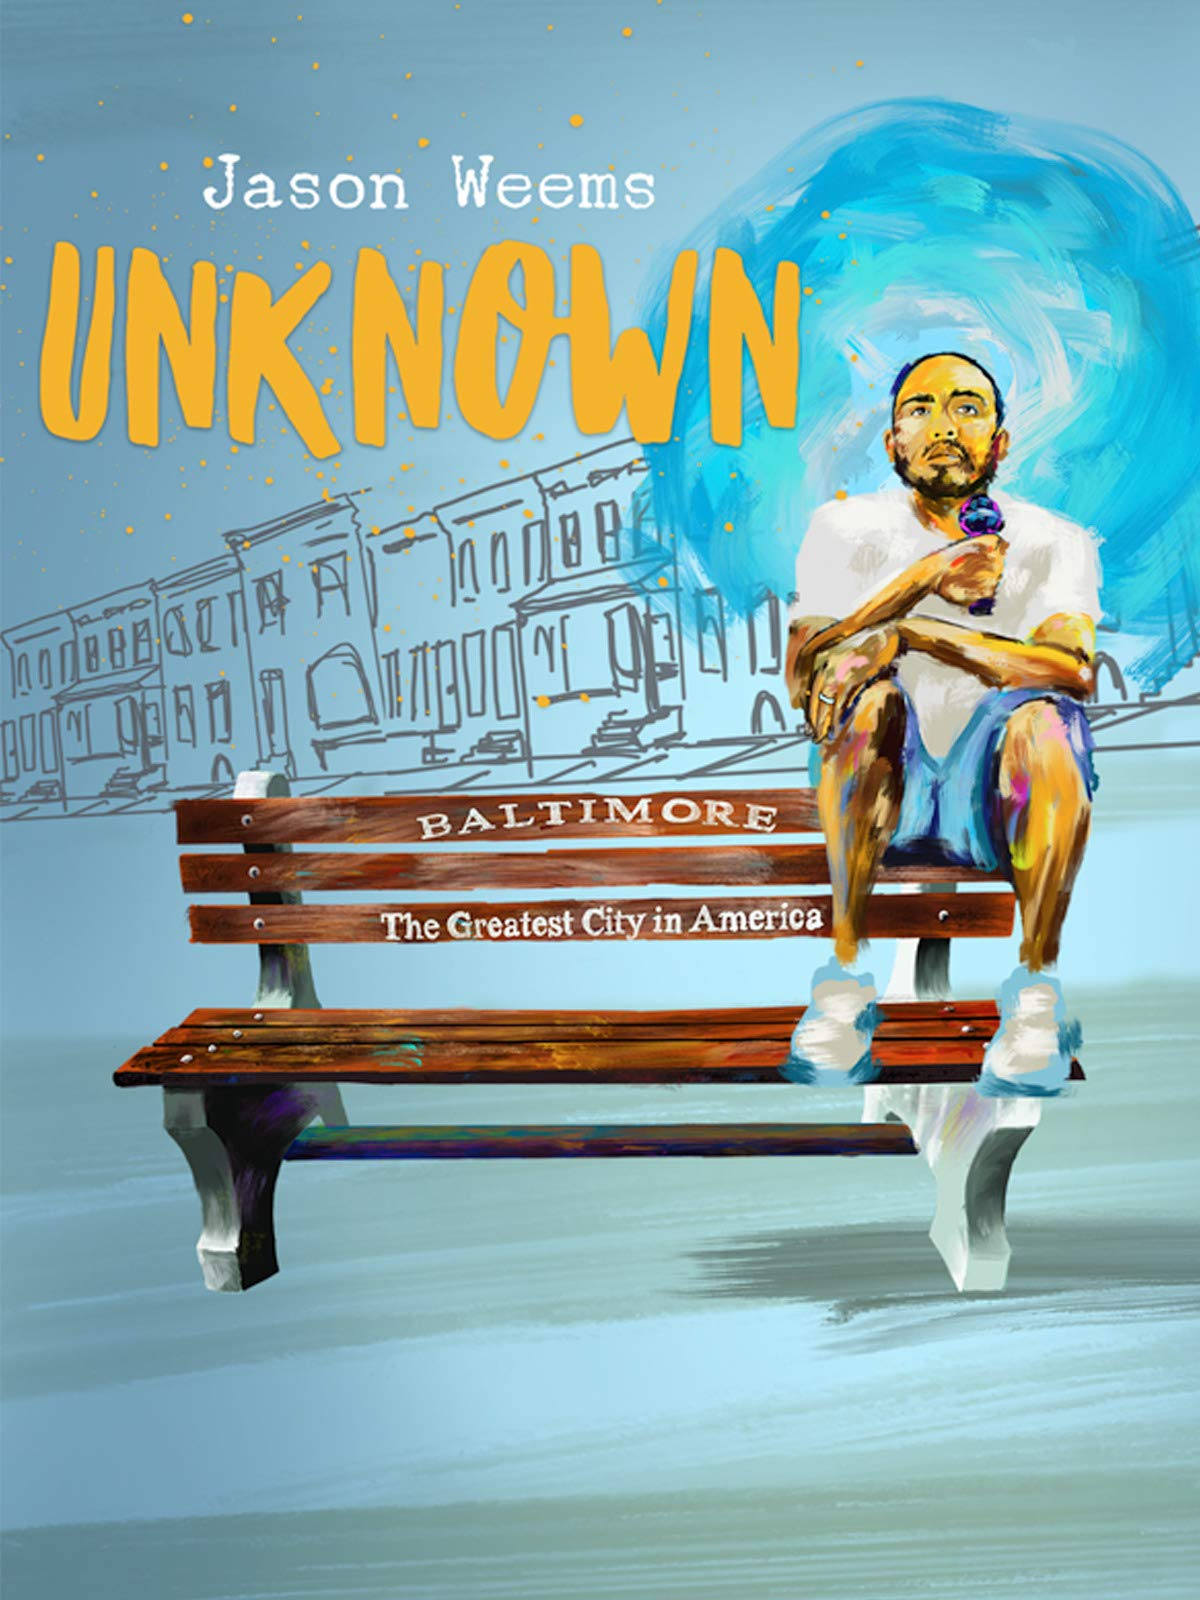 Jason Weems: Unknown